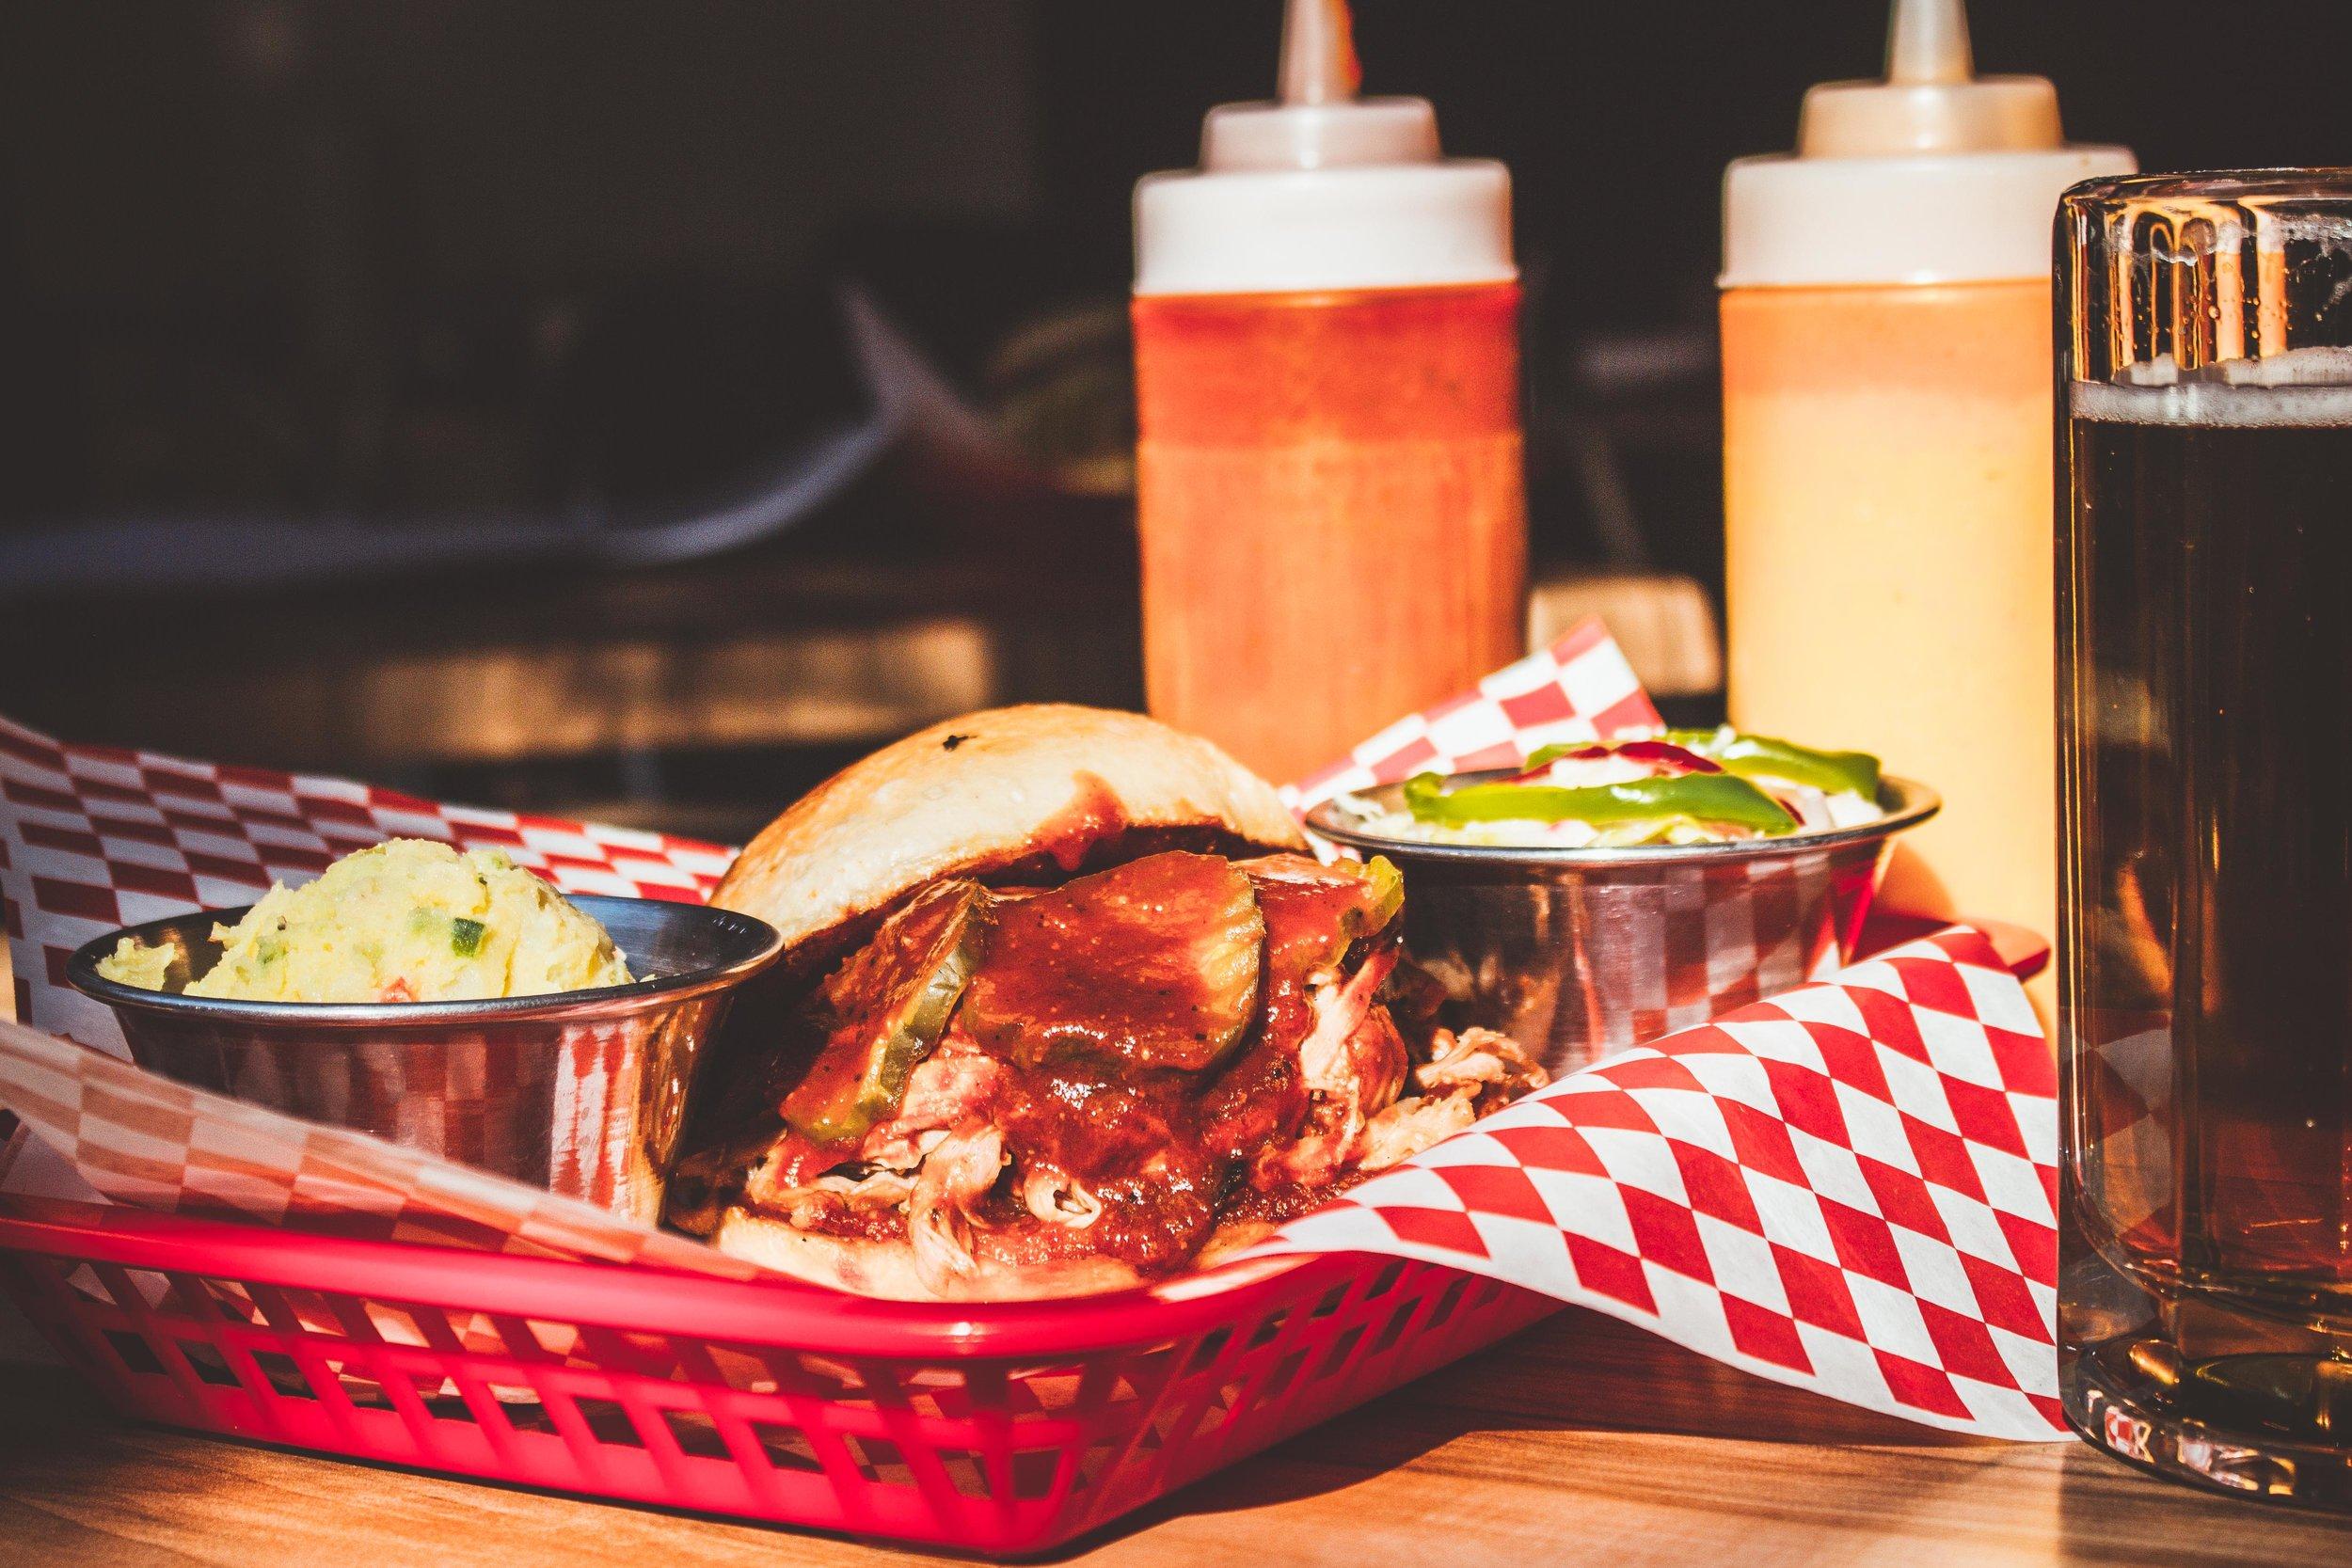 Sandwich de pulled pork